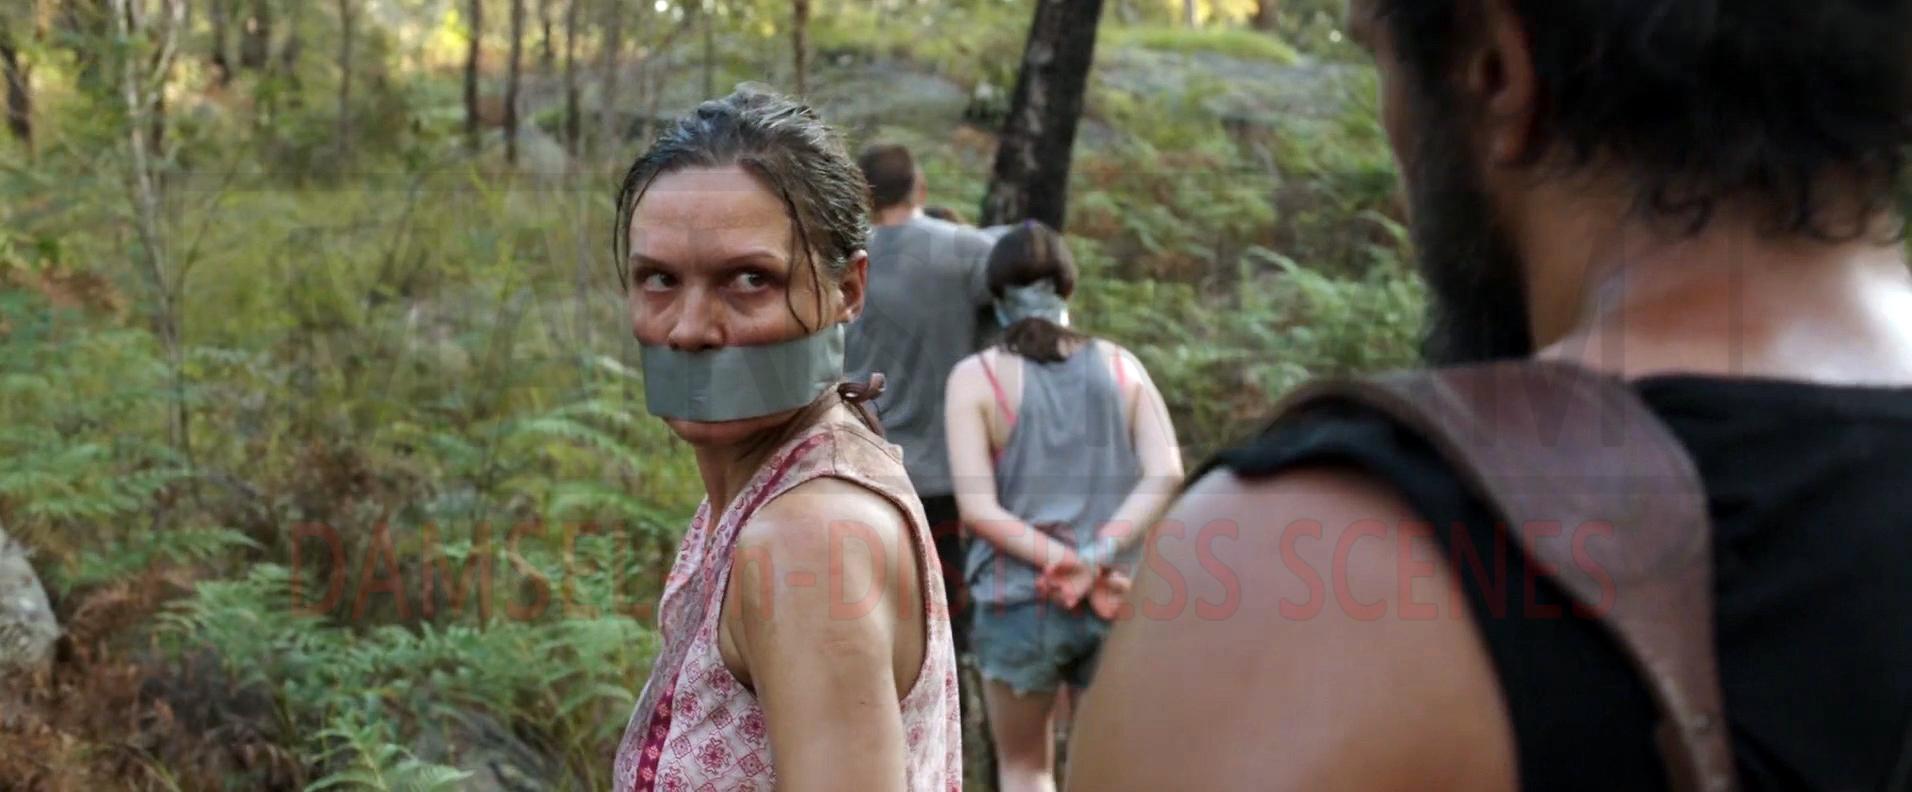 Maya Stange & Tiarnie Coupland - Killing Ground [1080p